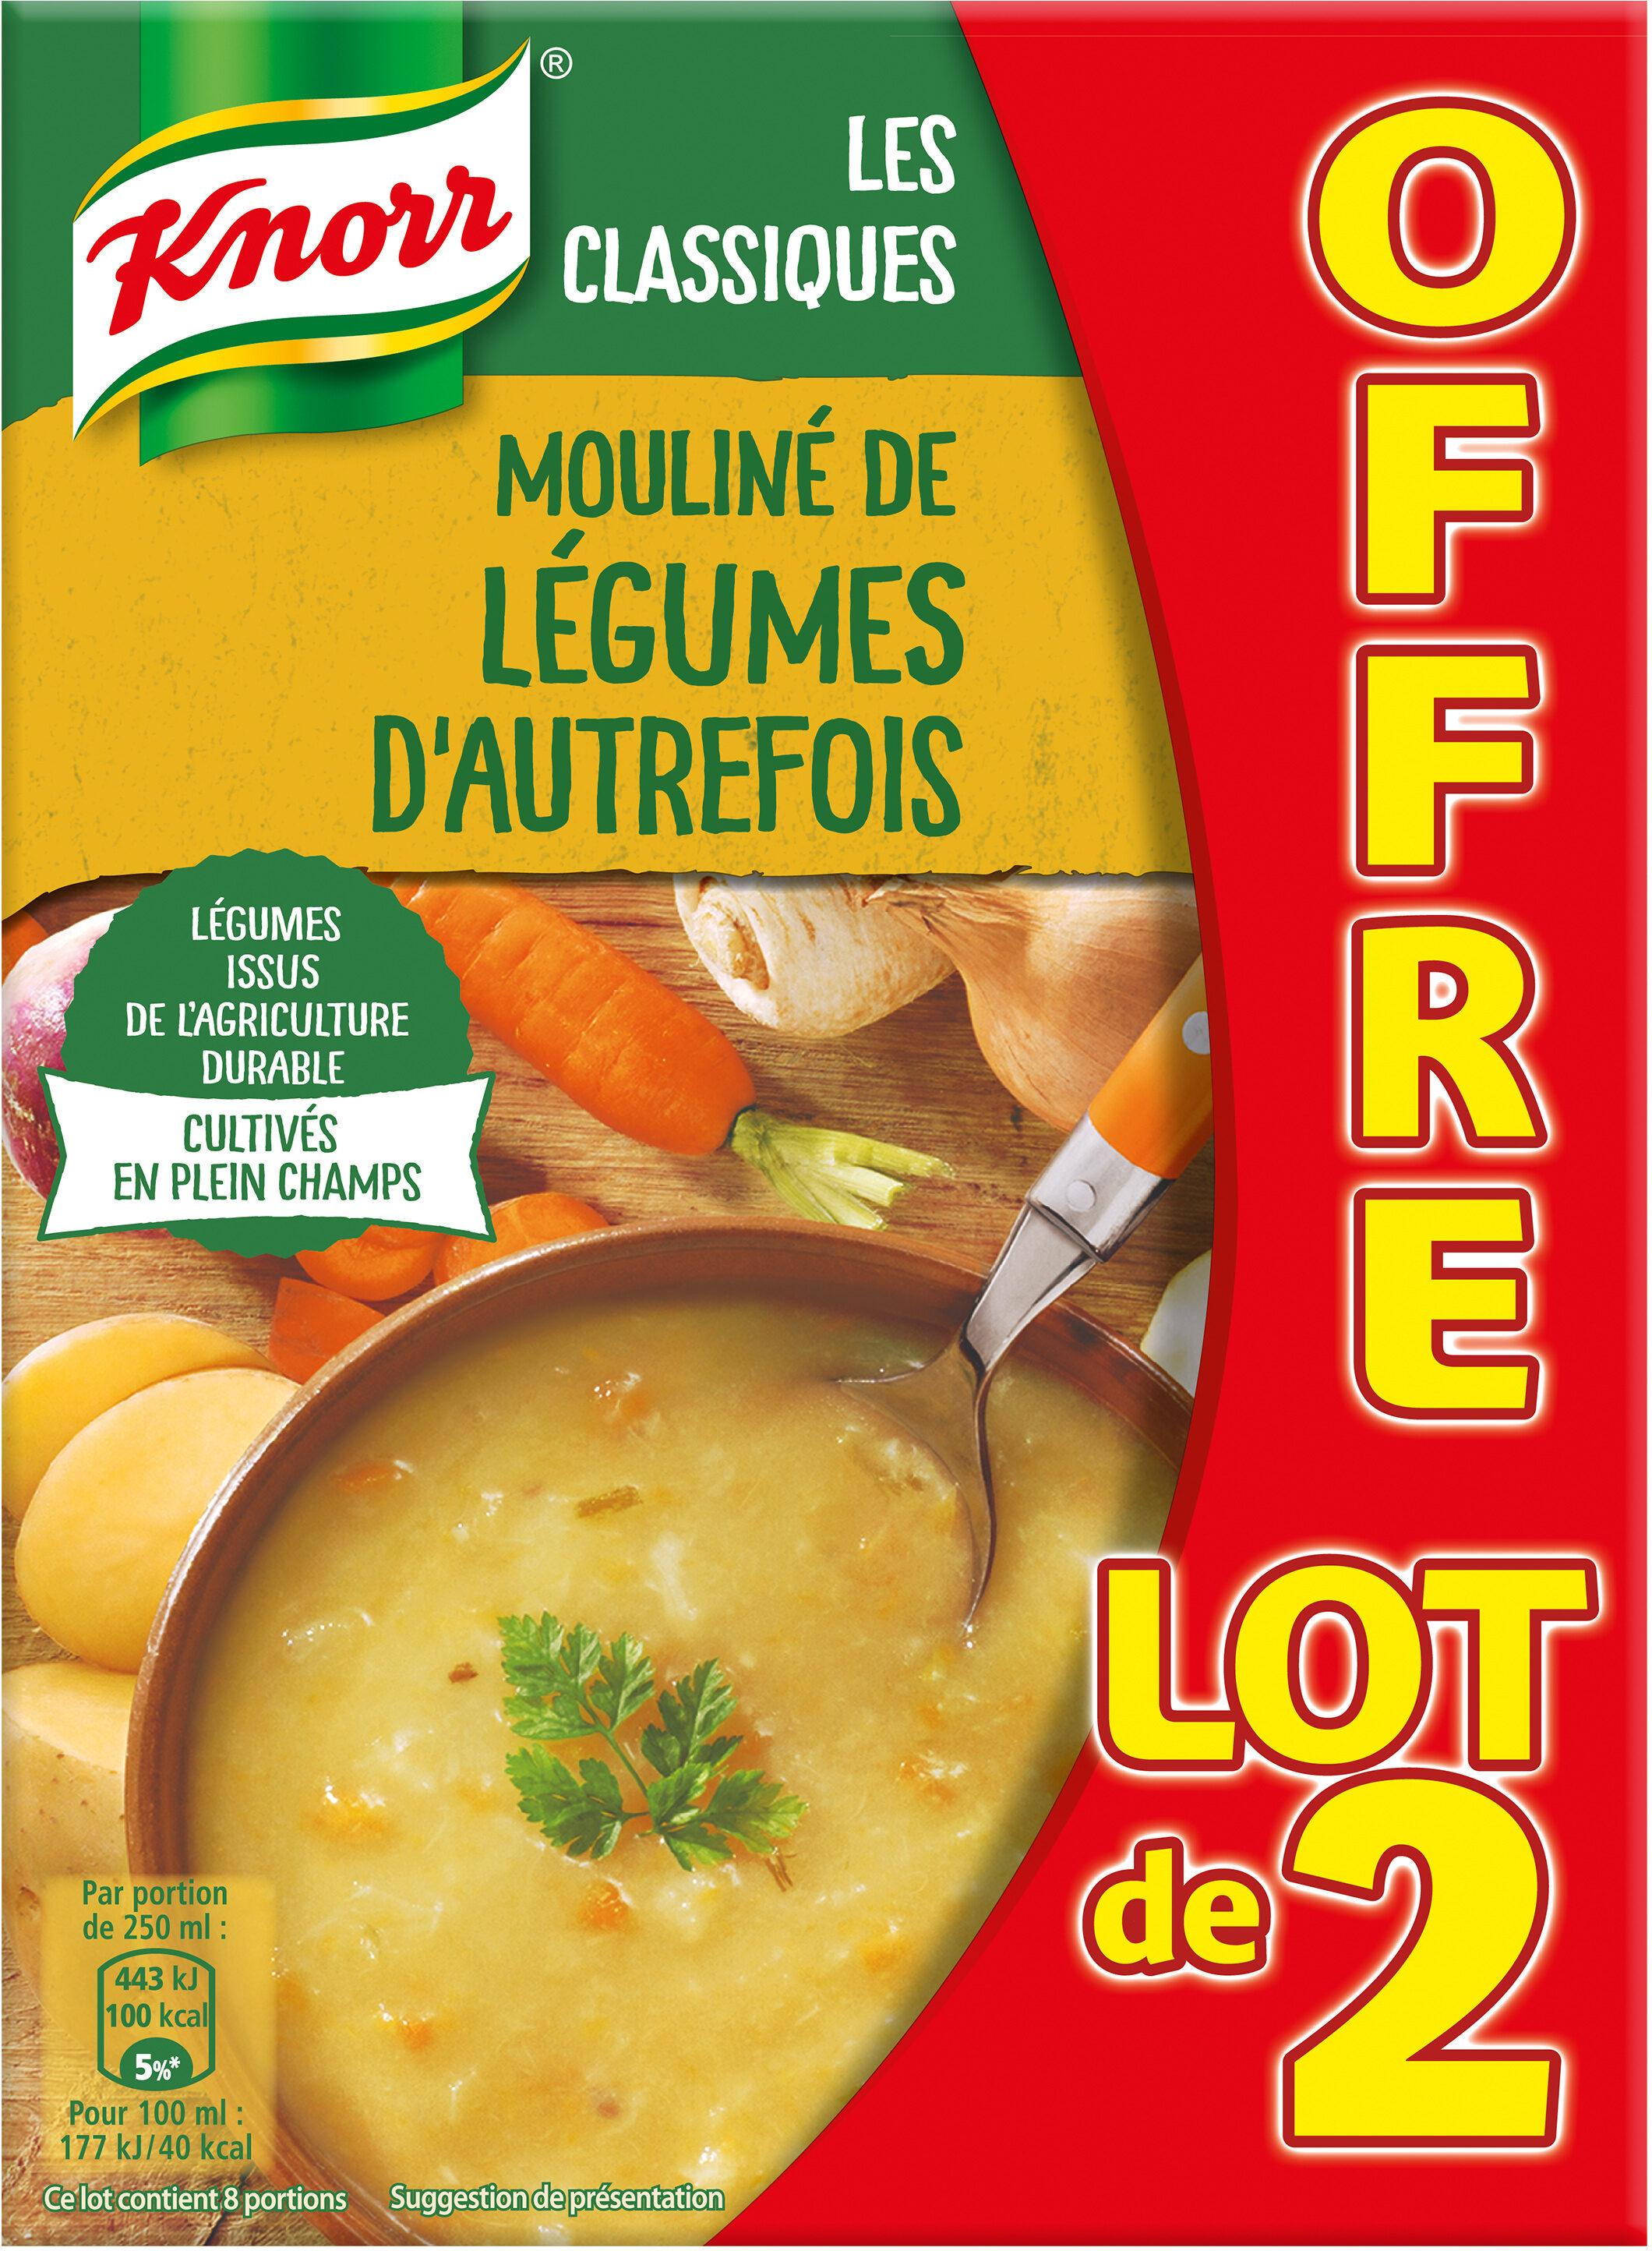 Knorr Les Classiques Soupe Liquide Mouliné aux Légumes d'Autrefois Lot - Product - fr